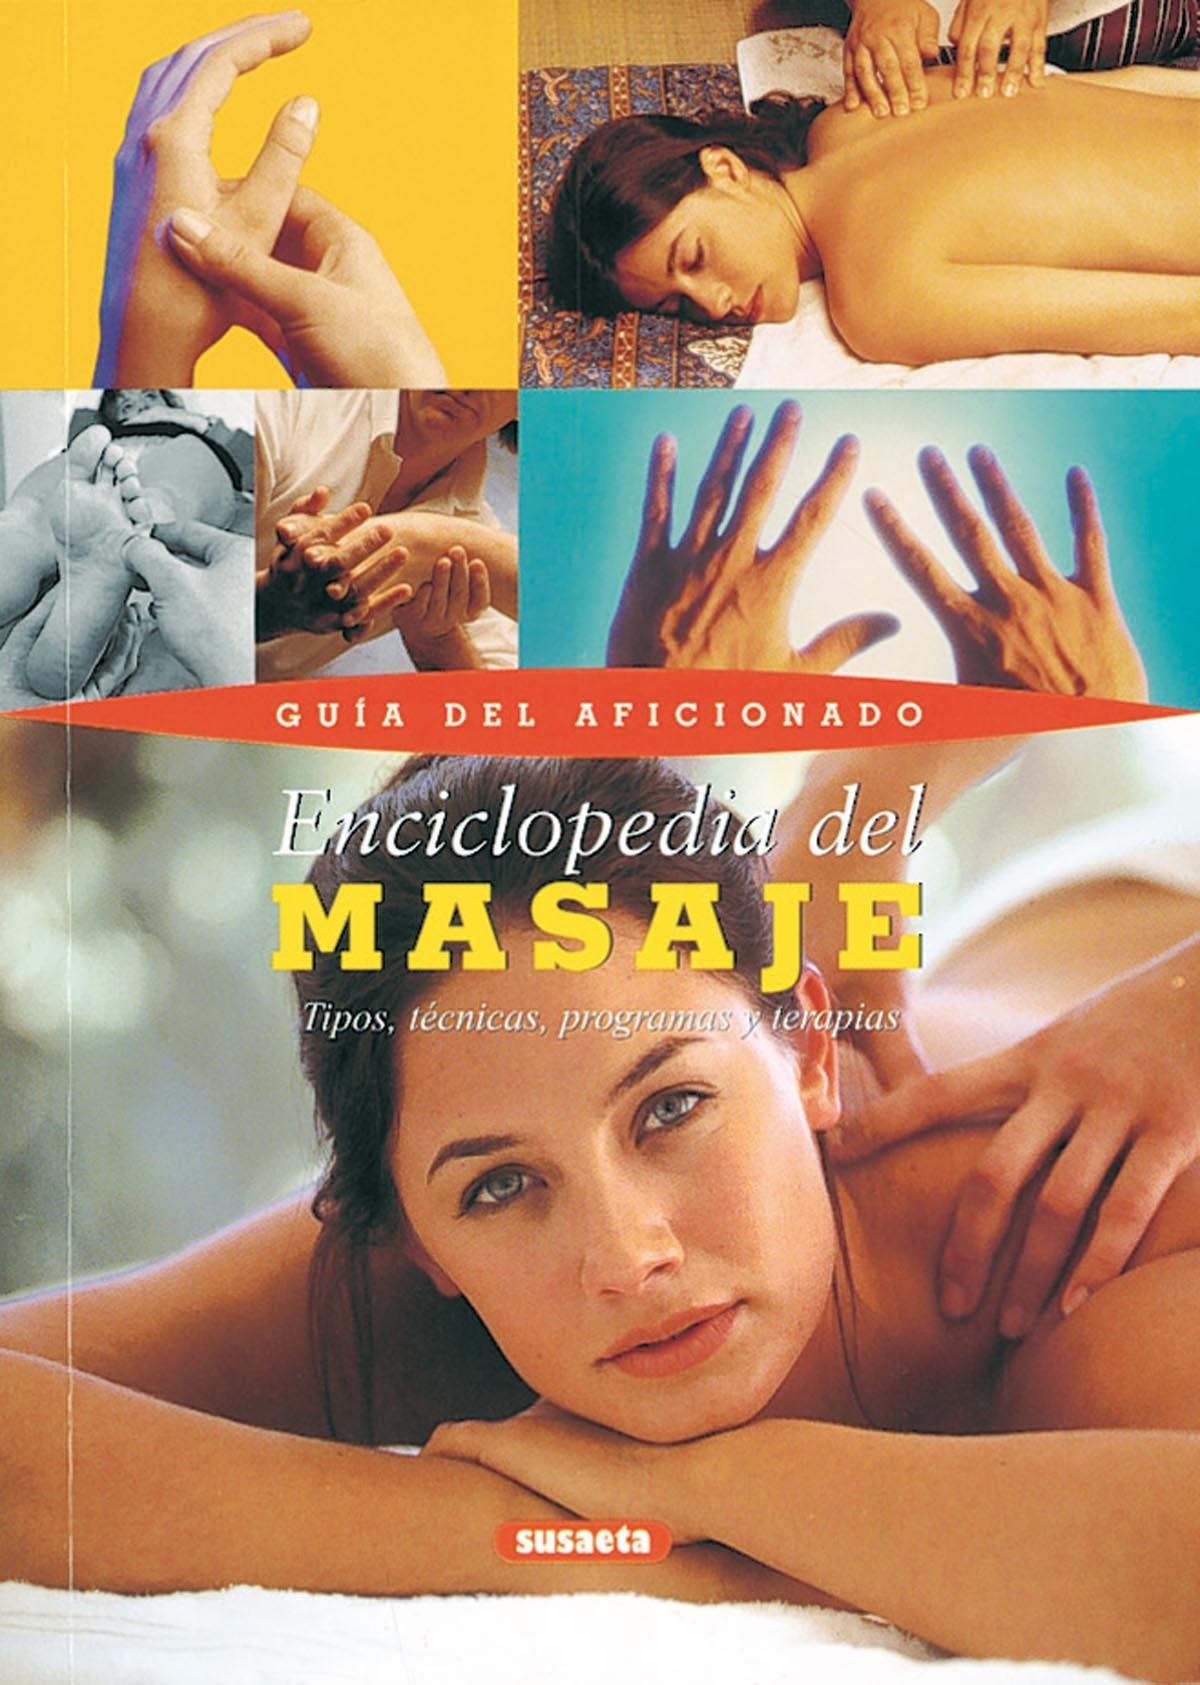 ENCICLOPEDIA DEL MASAJE. TIPOS, TÉCNICAS, PROGRAMAS Y TERAPIAS